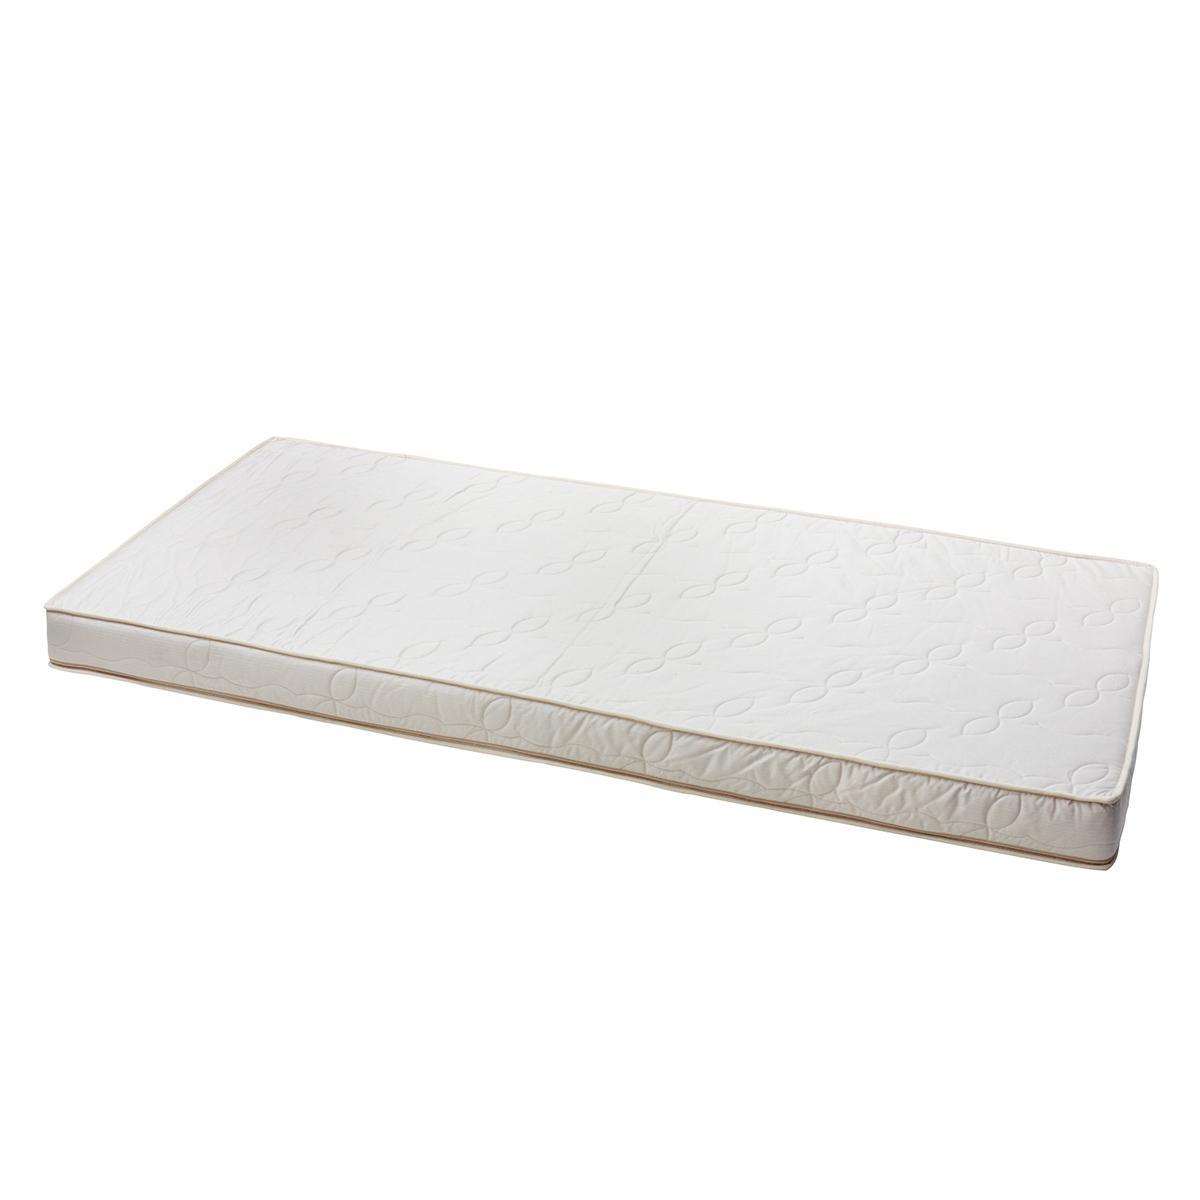 Colchón 90x200cm SEASIDE Oliver Furniture